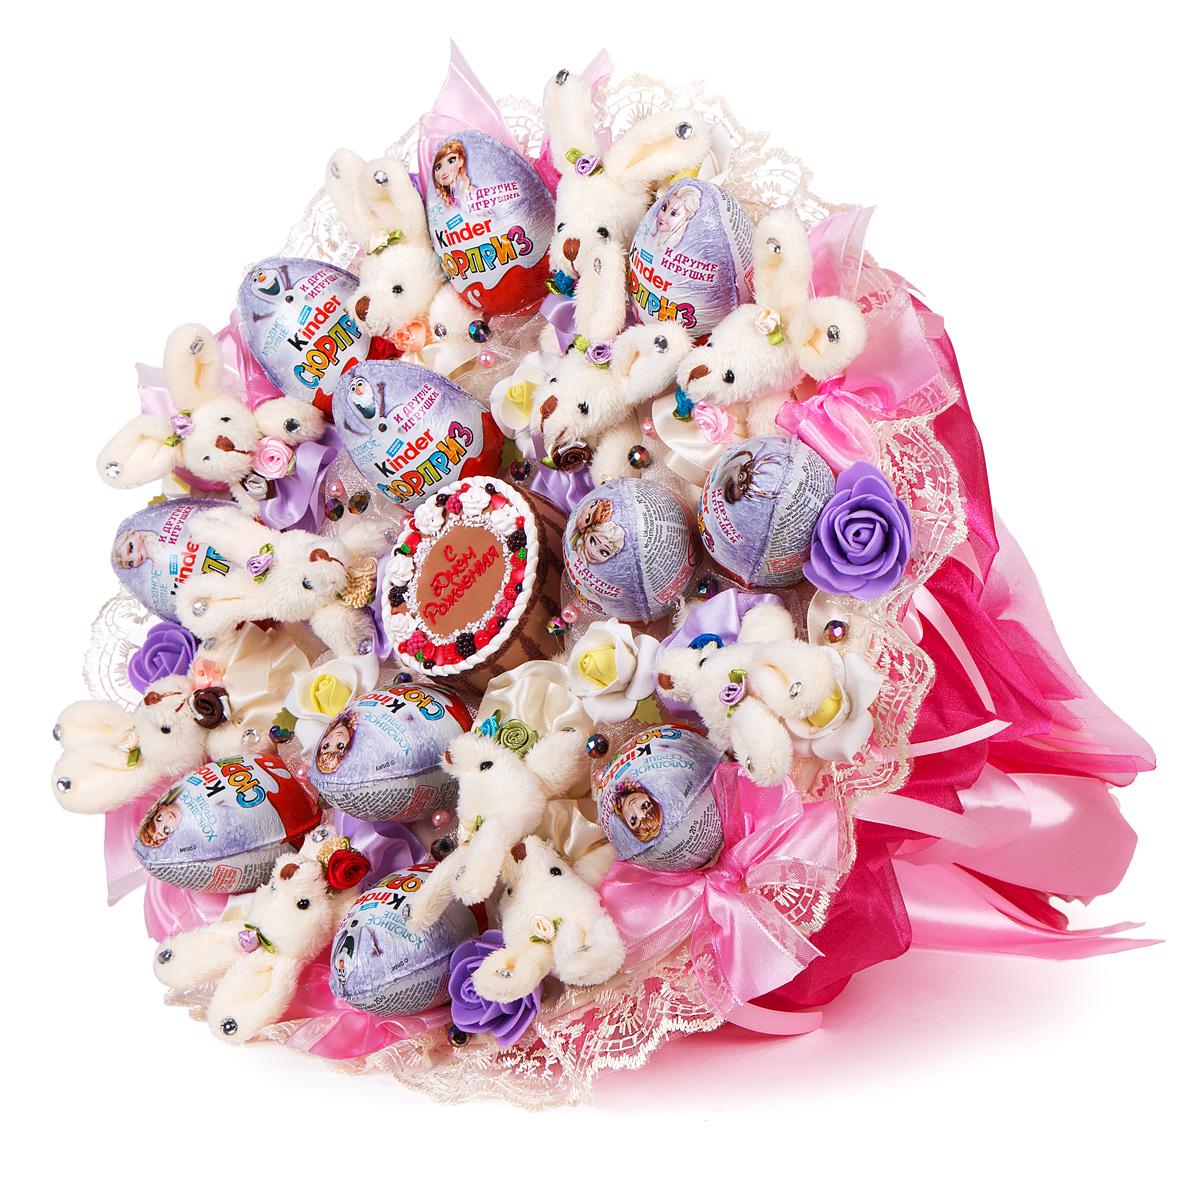 Бизнес по изготовлению букетов из игрушек и конфет